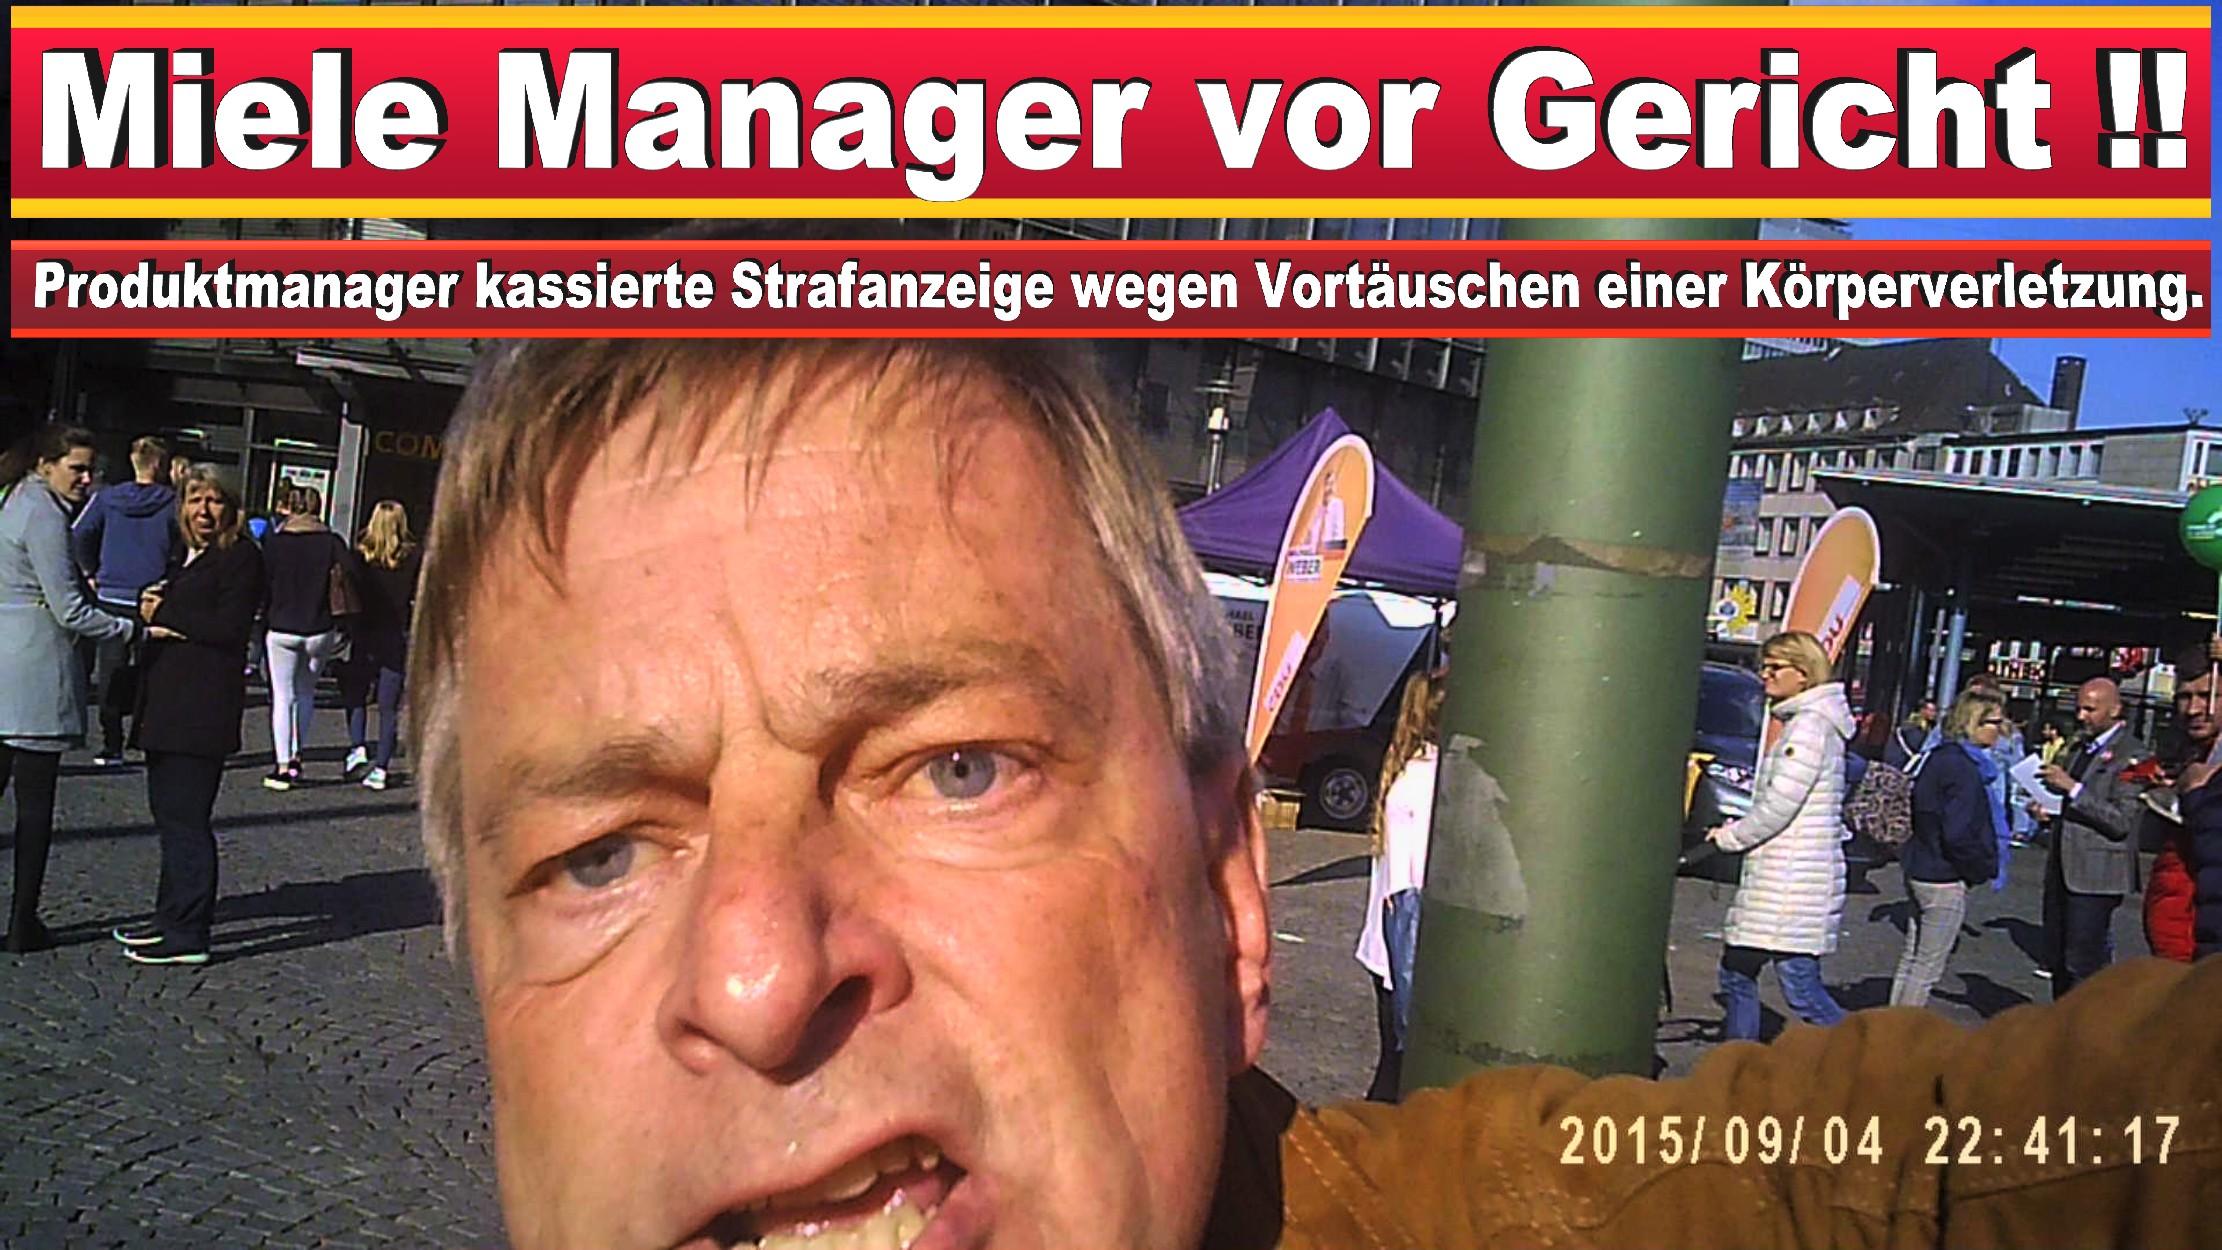 CDU BIELEFELD POLIZEIGEWALT GEWALTAUSBRUCH UND STRAFANZEIGE GEGEN EINEN JOURNALISTEN (1)